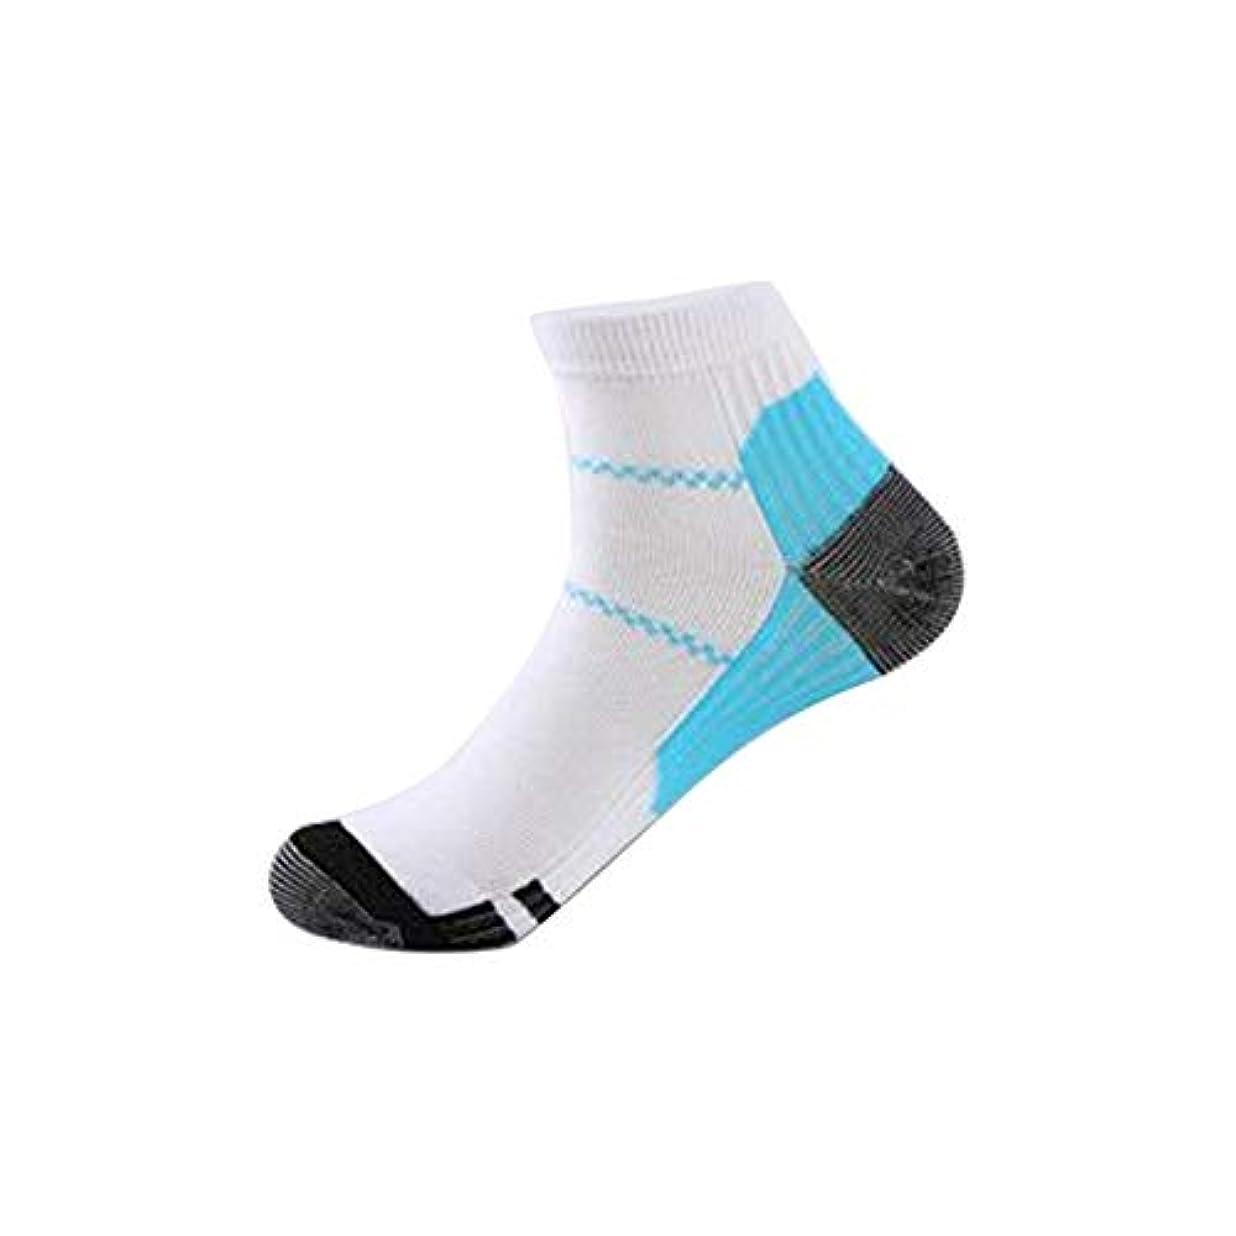 ロケット執着一般快適な男性女性ファッション短いストレッチ圧縮靴下膝ソックスサポートストレッチ通気性ソックス - ホワイト&ブルーS/M